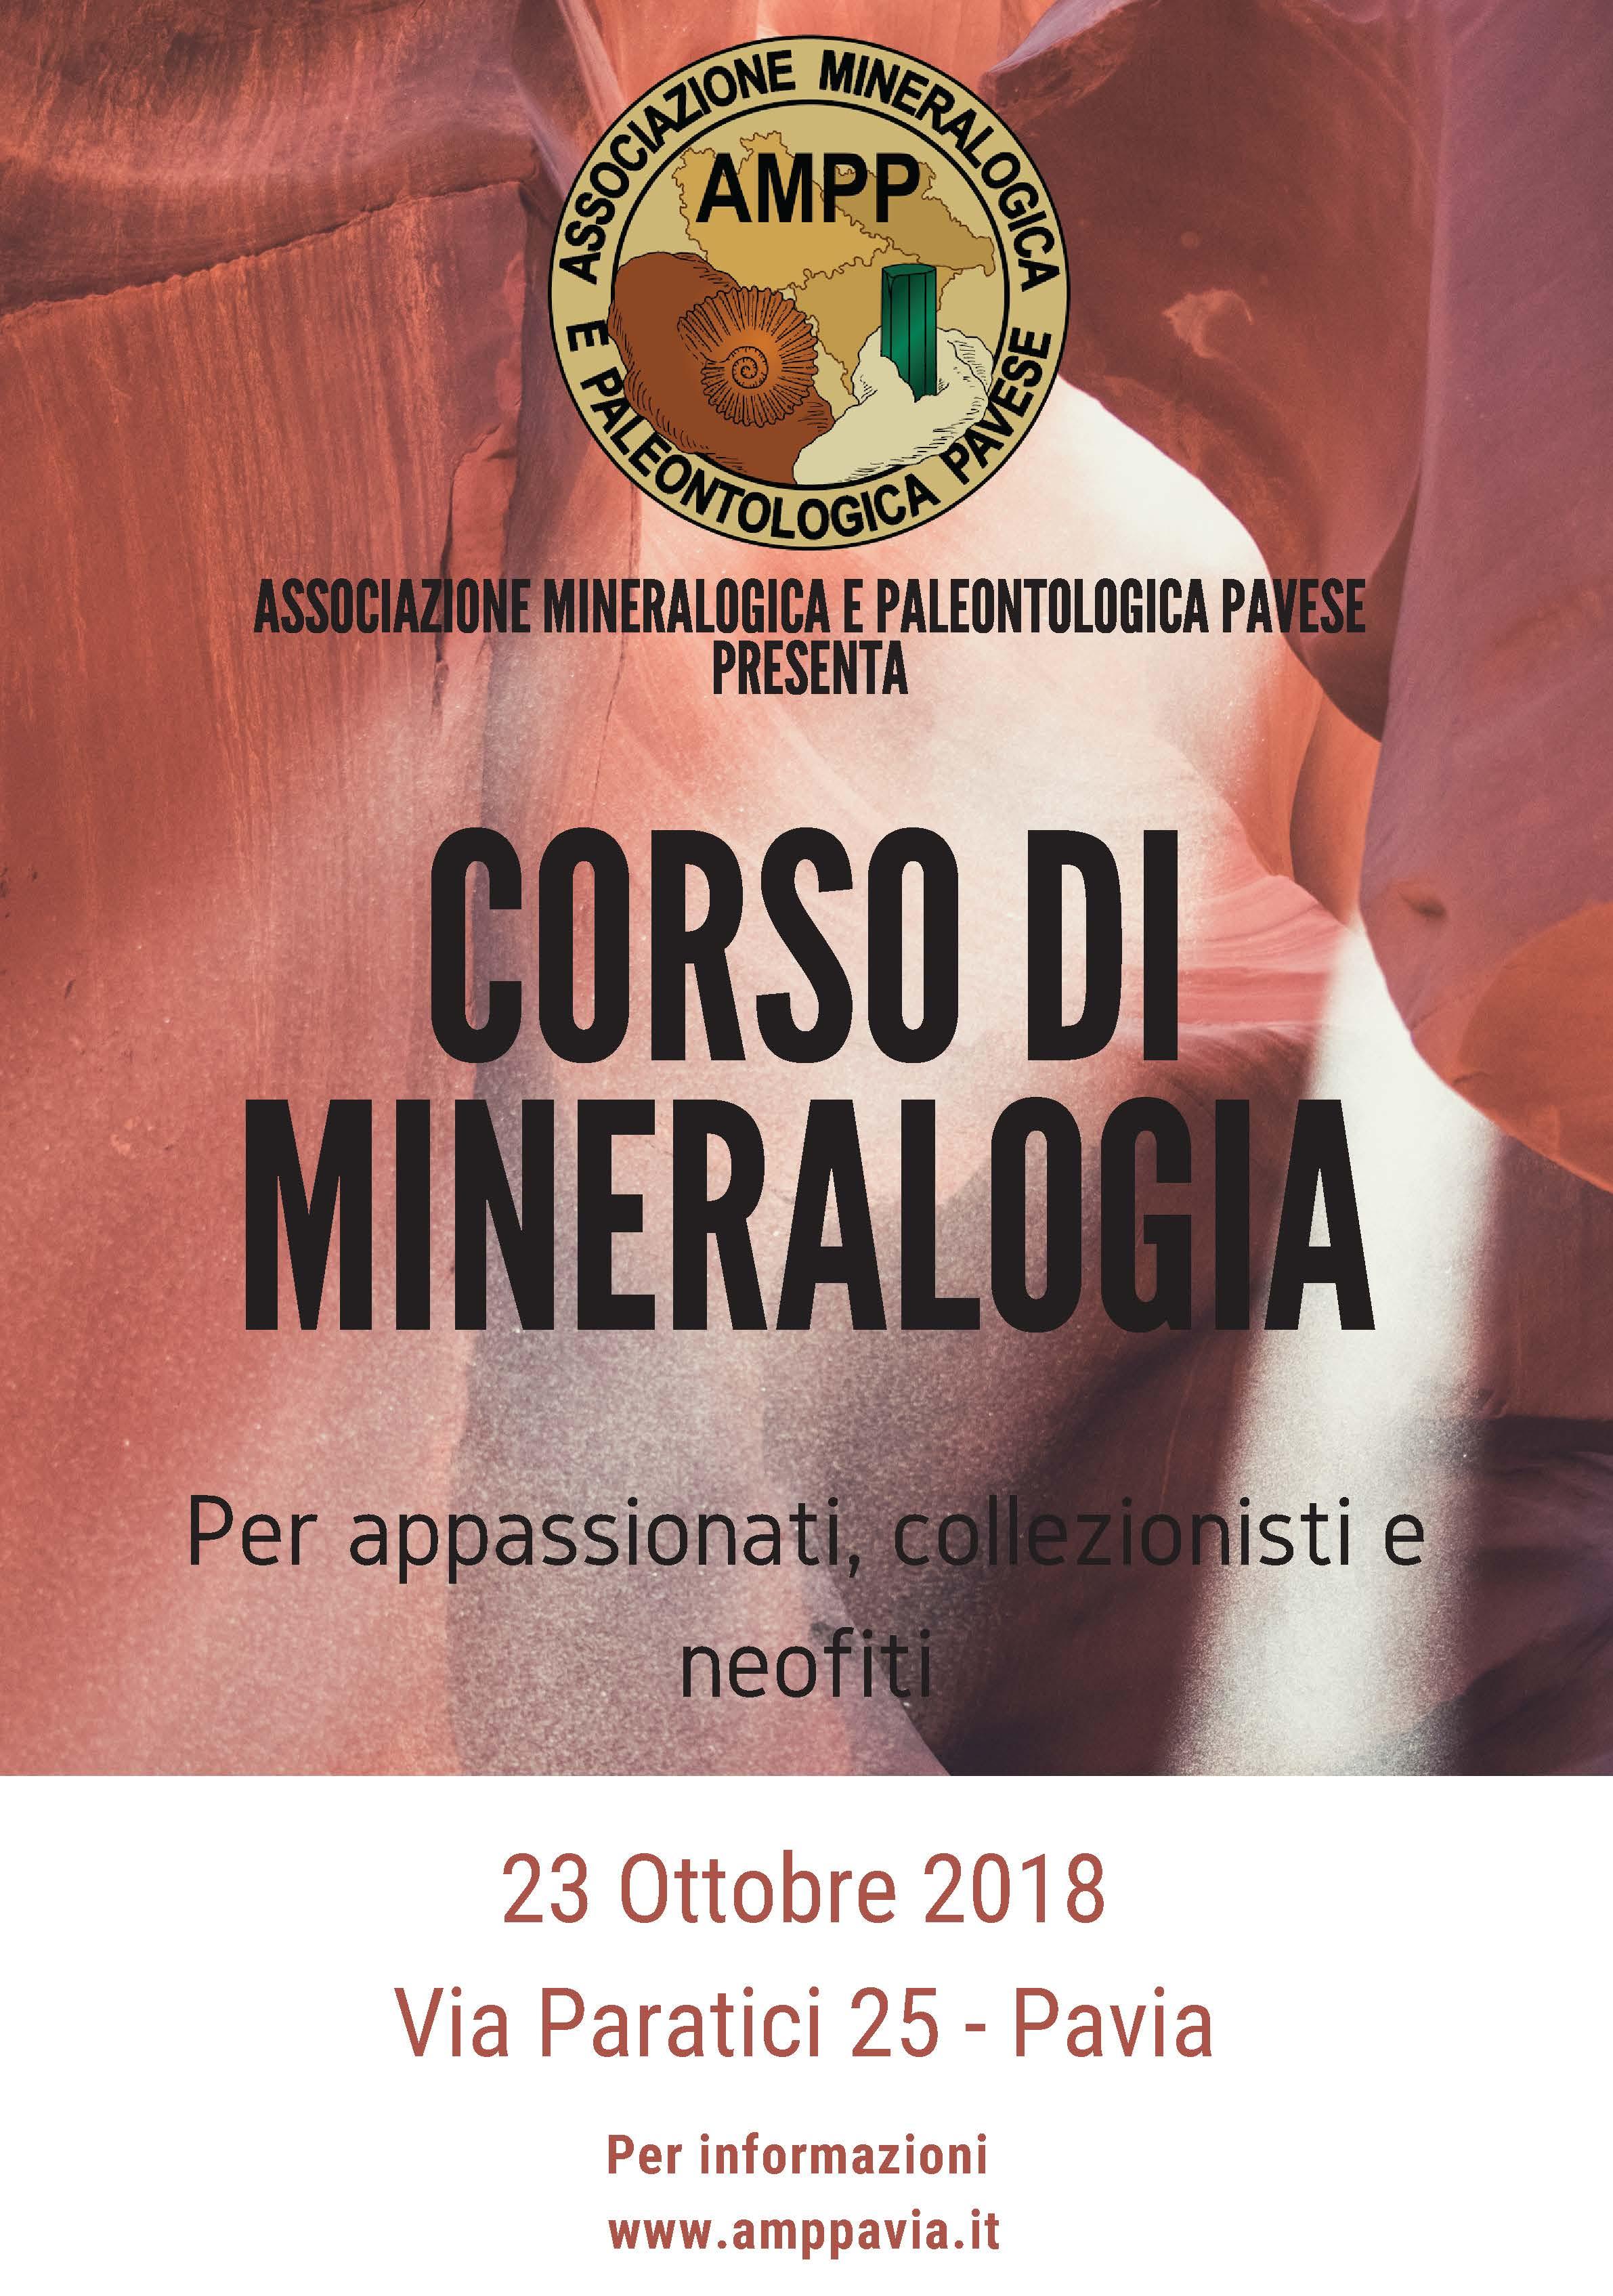 CORSO DI MINERALOGIAjpg